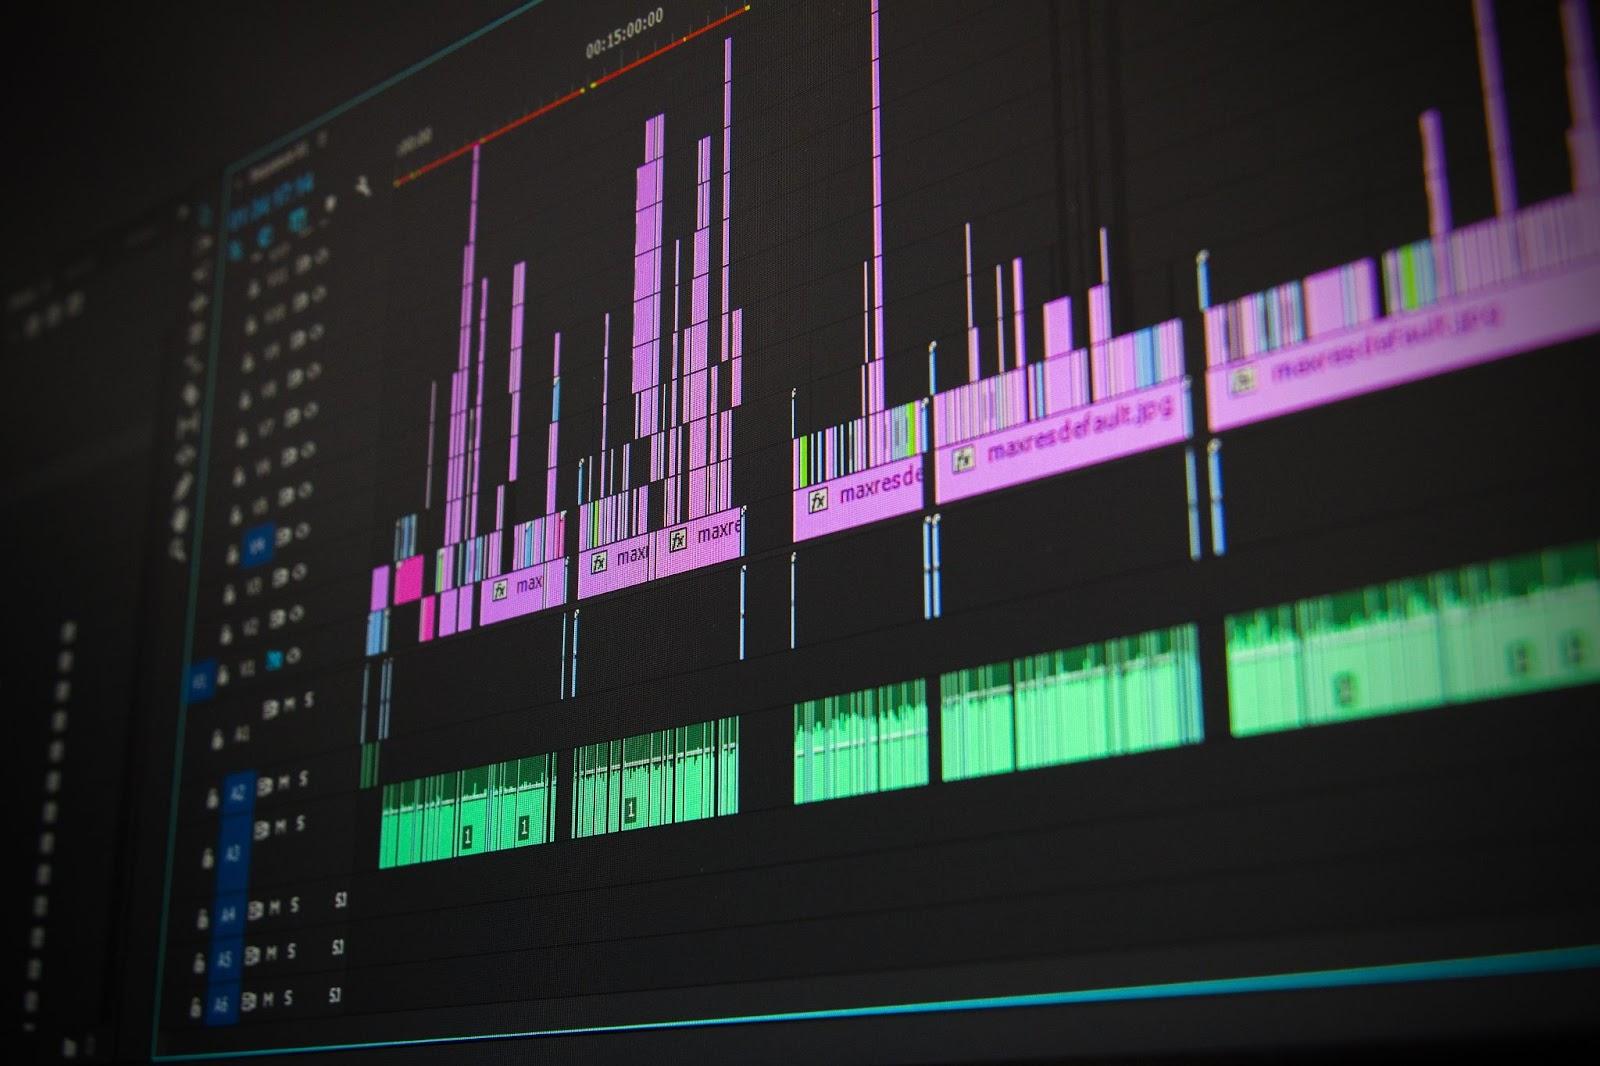 preparación previa para la grabación de vídeo